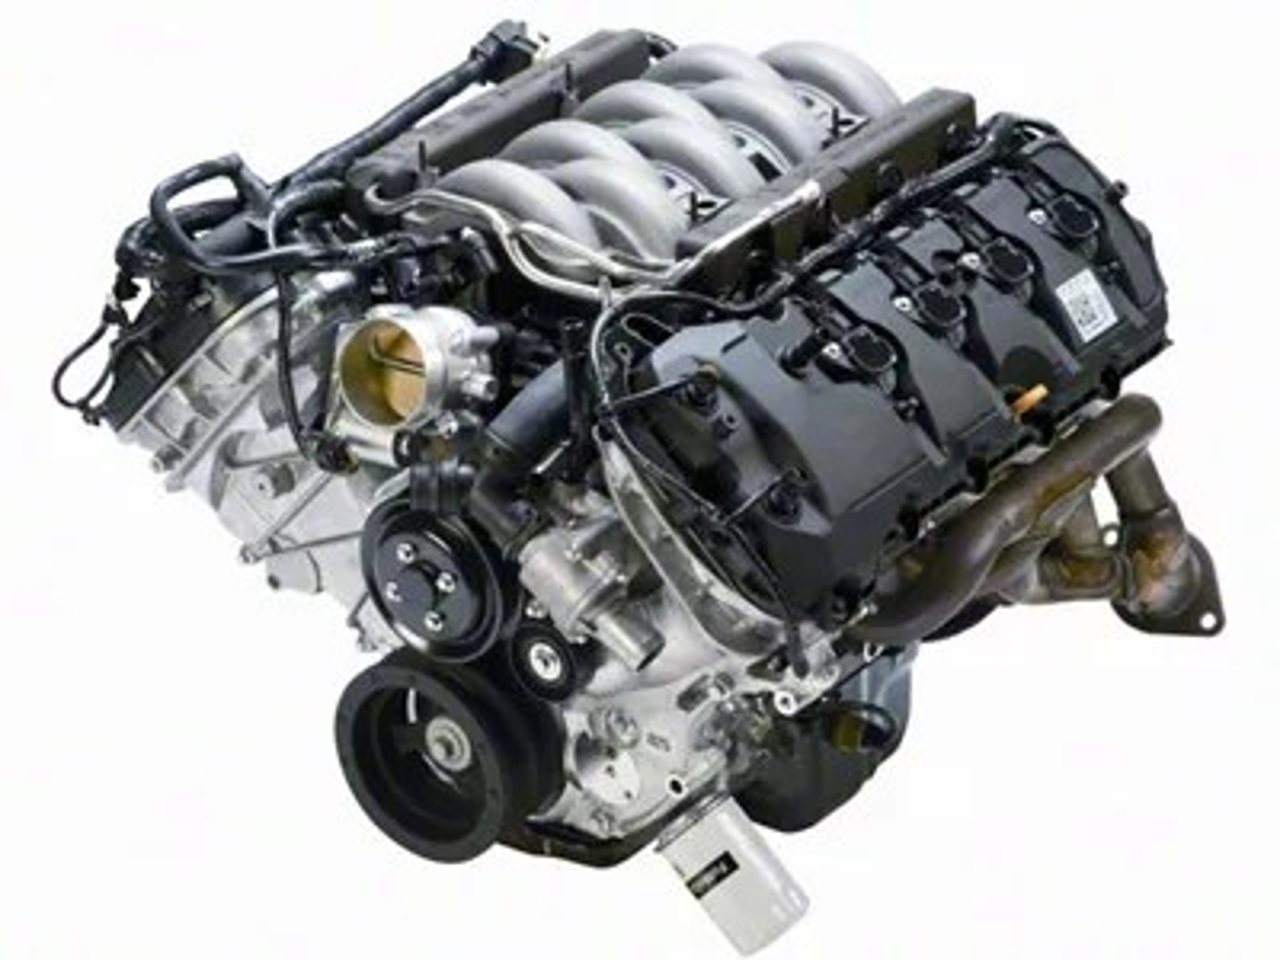 2003 Mustang Gt Exhaust